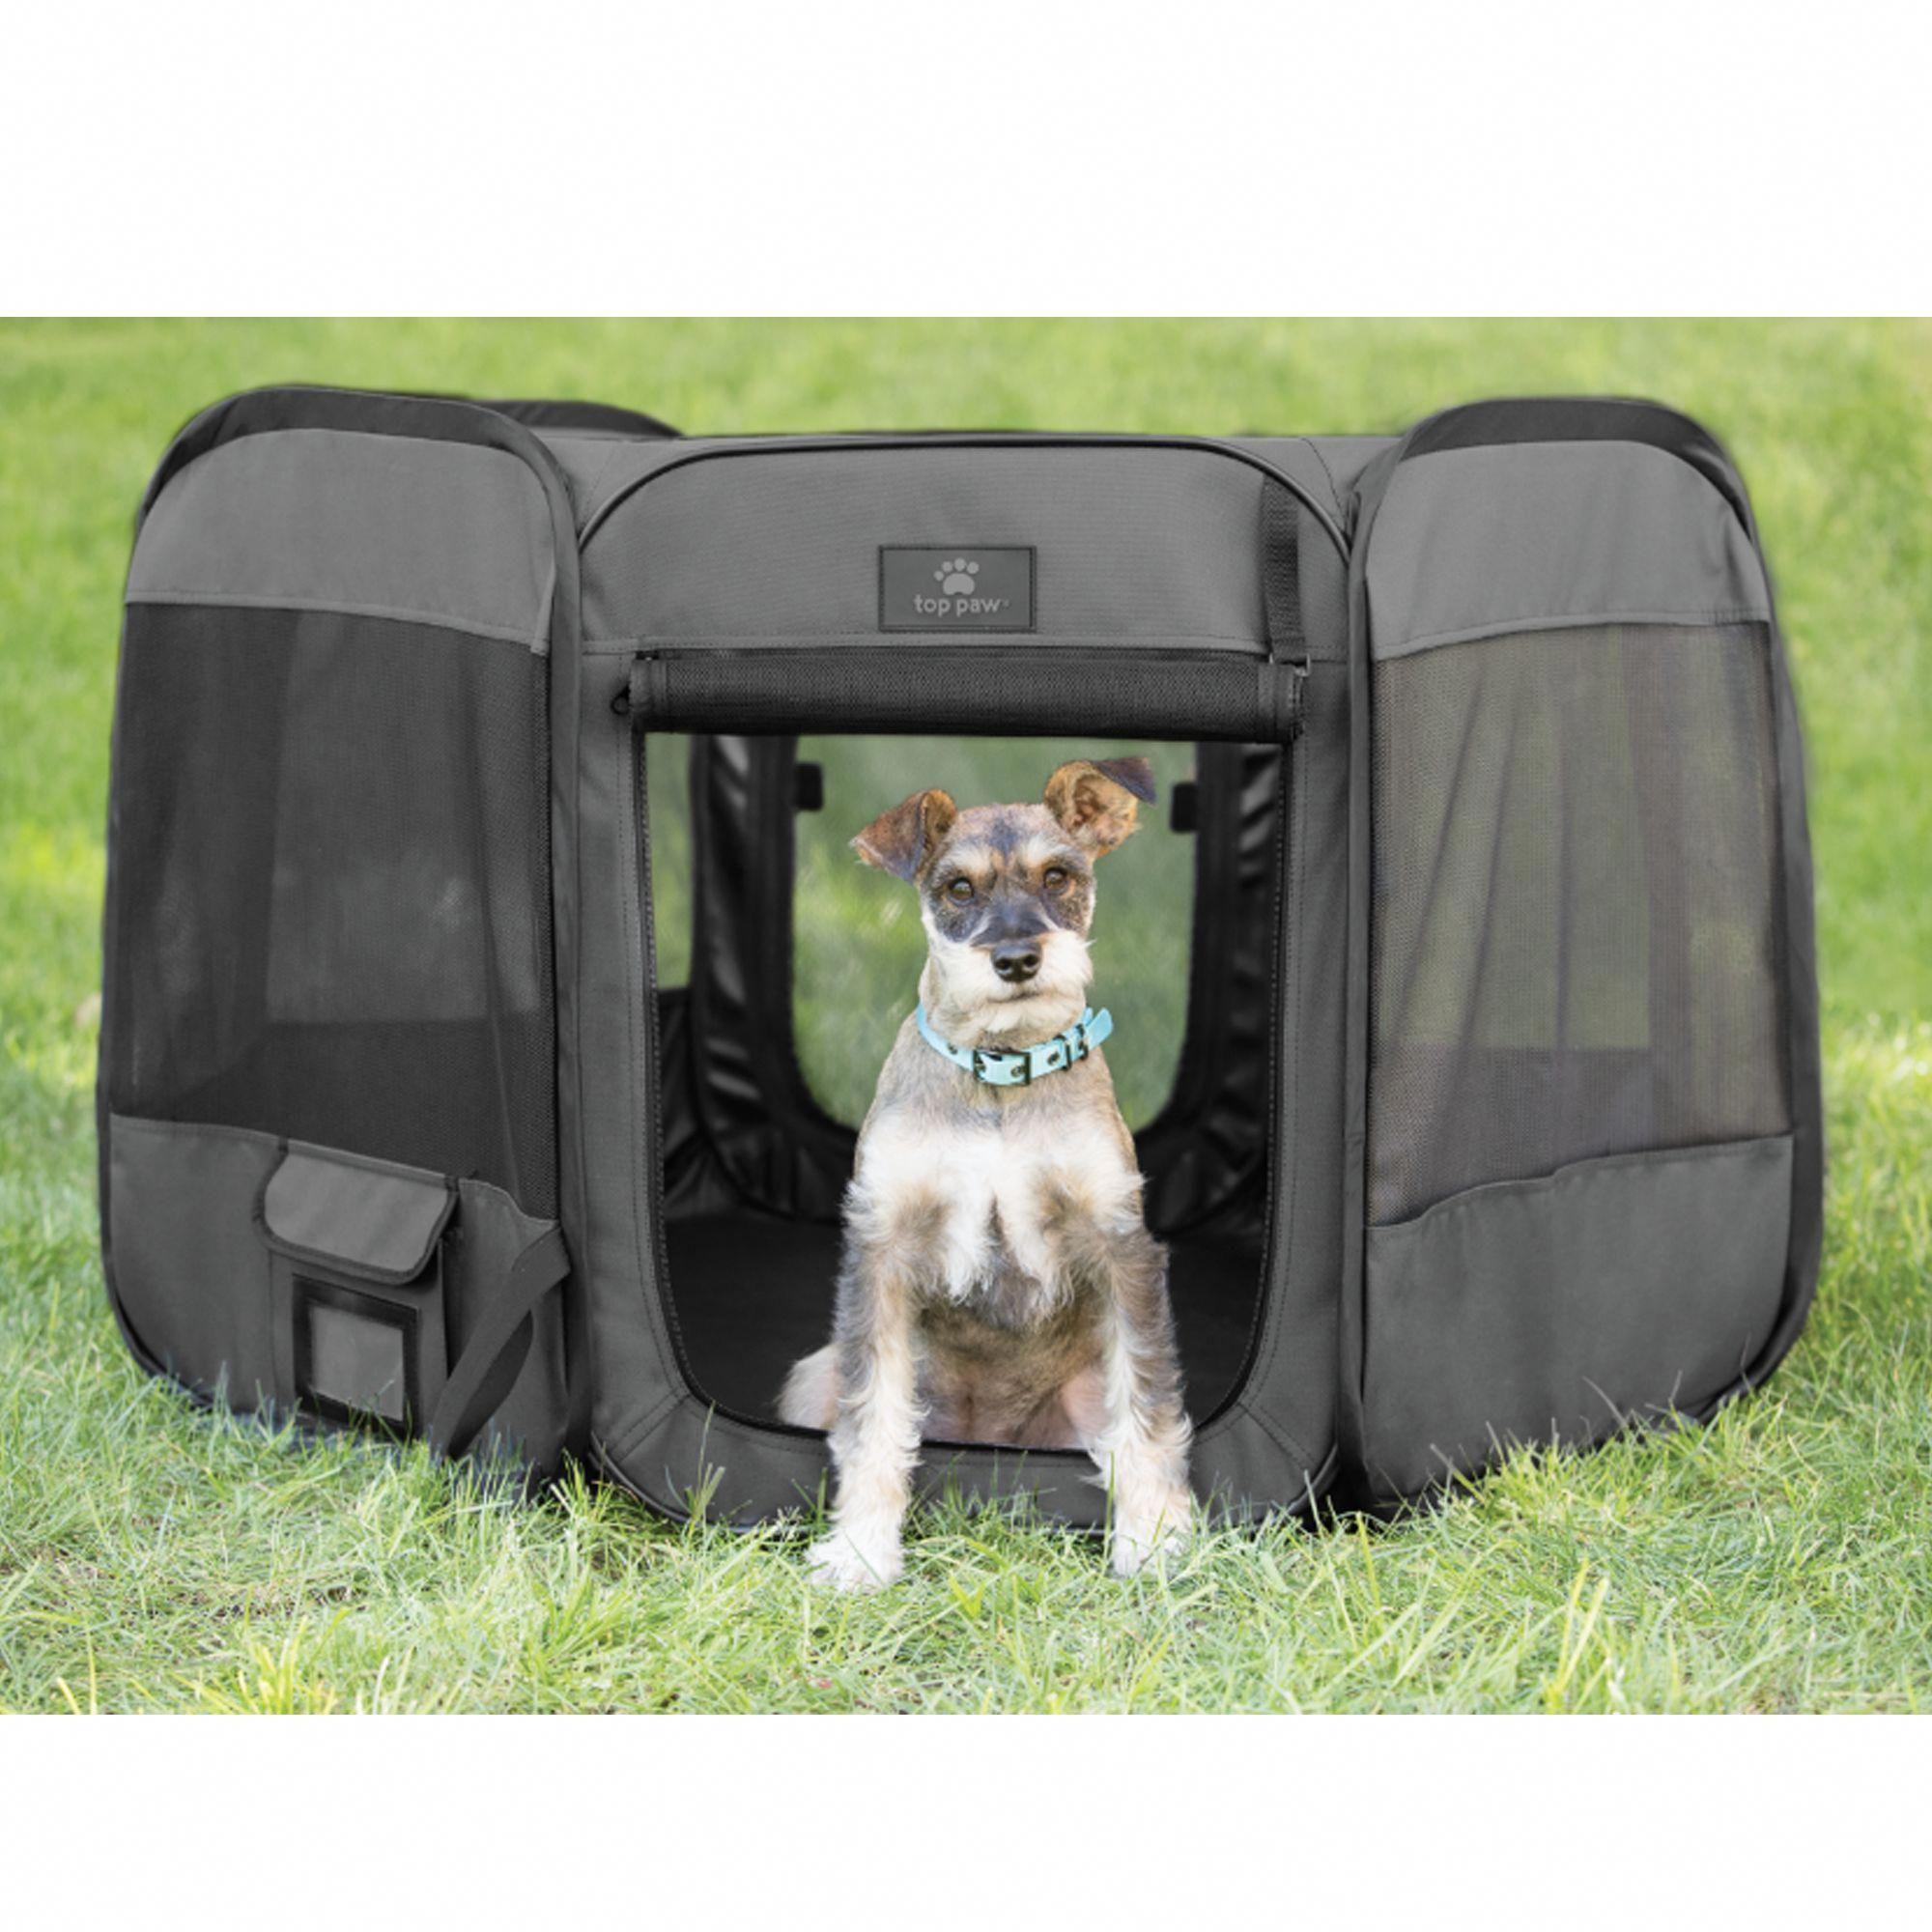 Hateful Dogs Accessories Travel glockenbachviertel